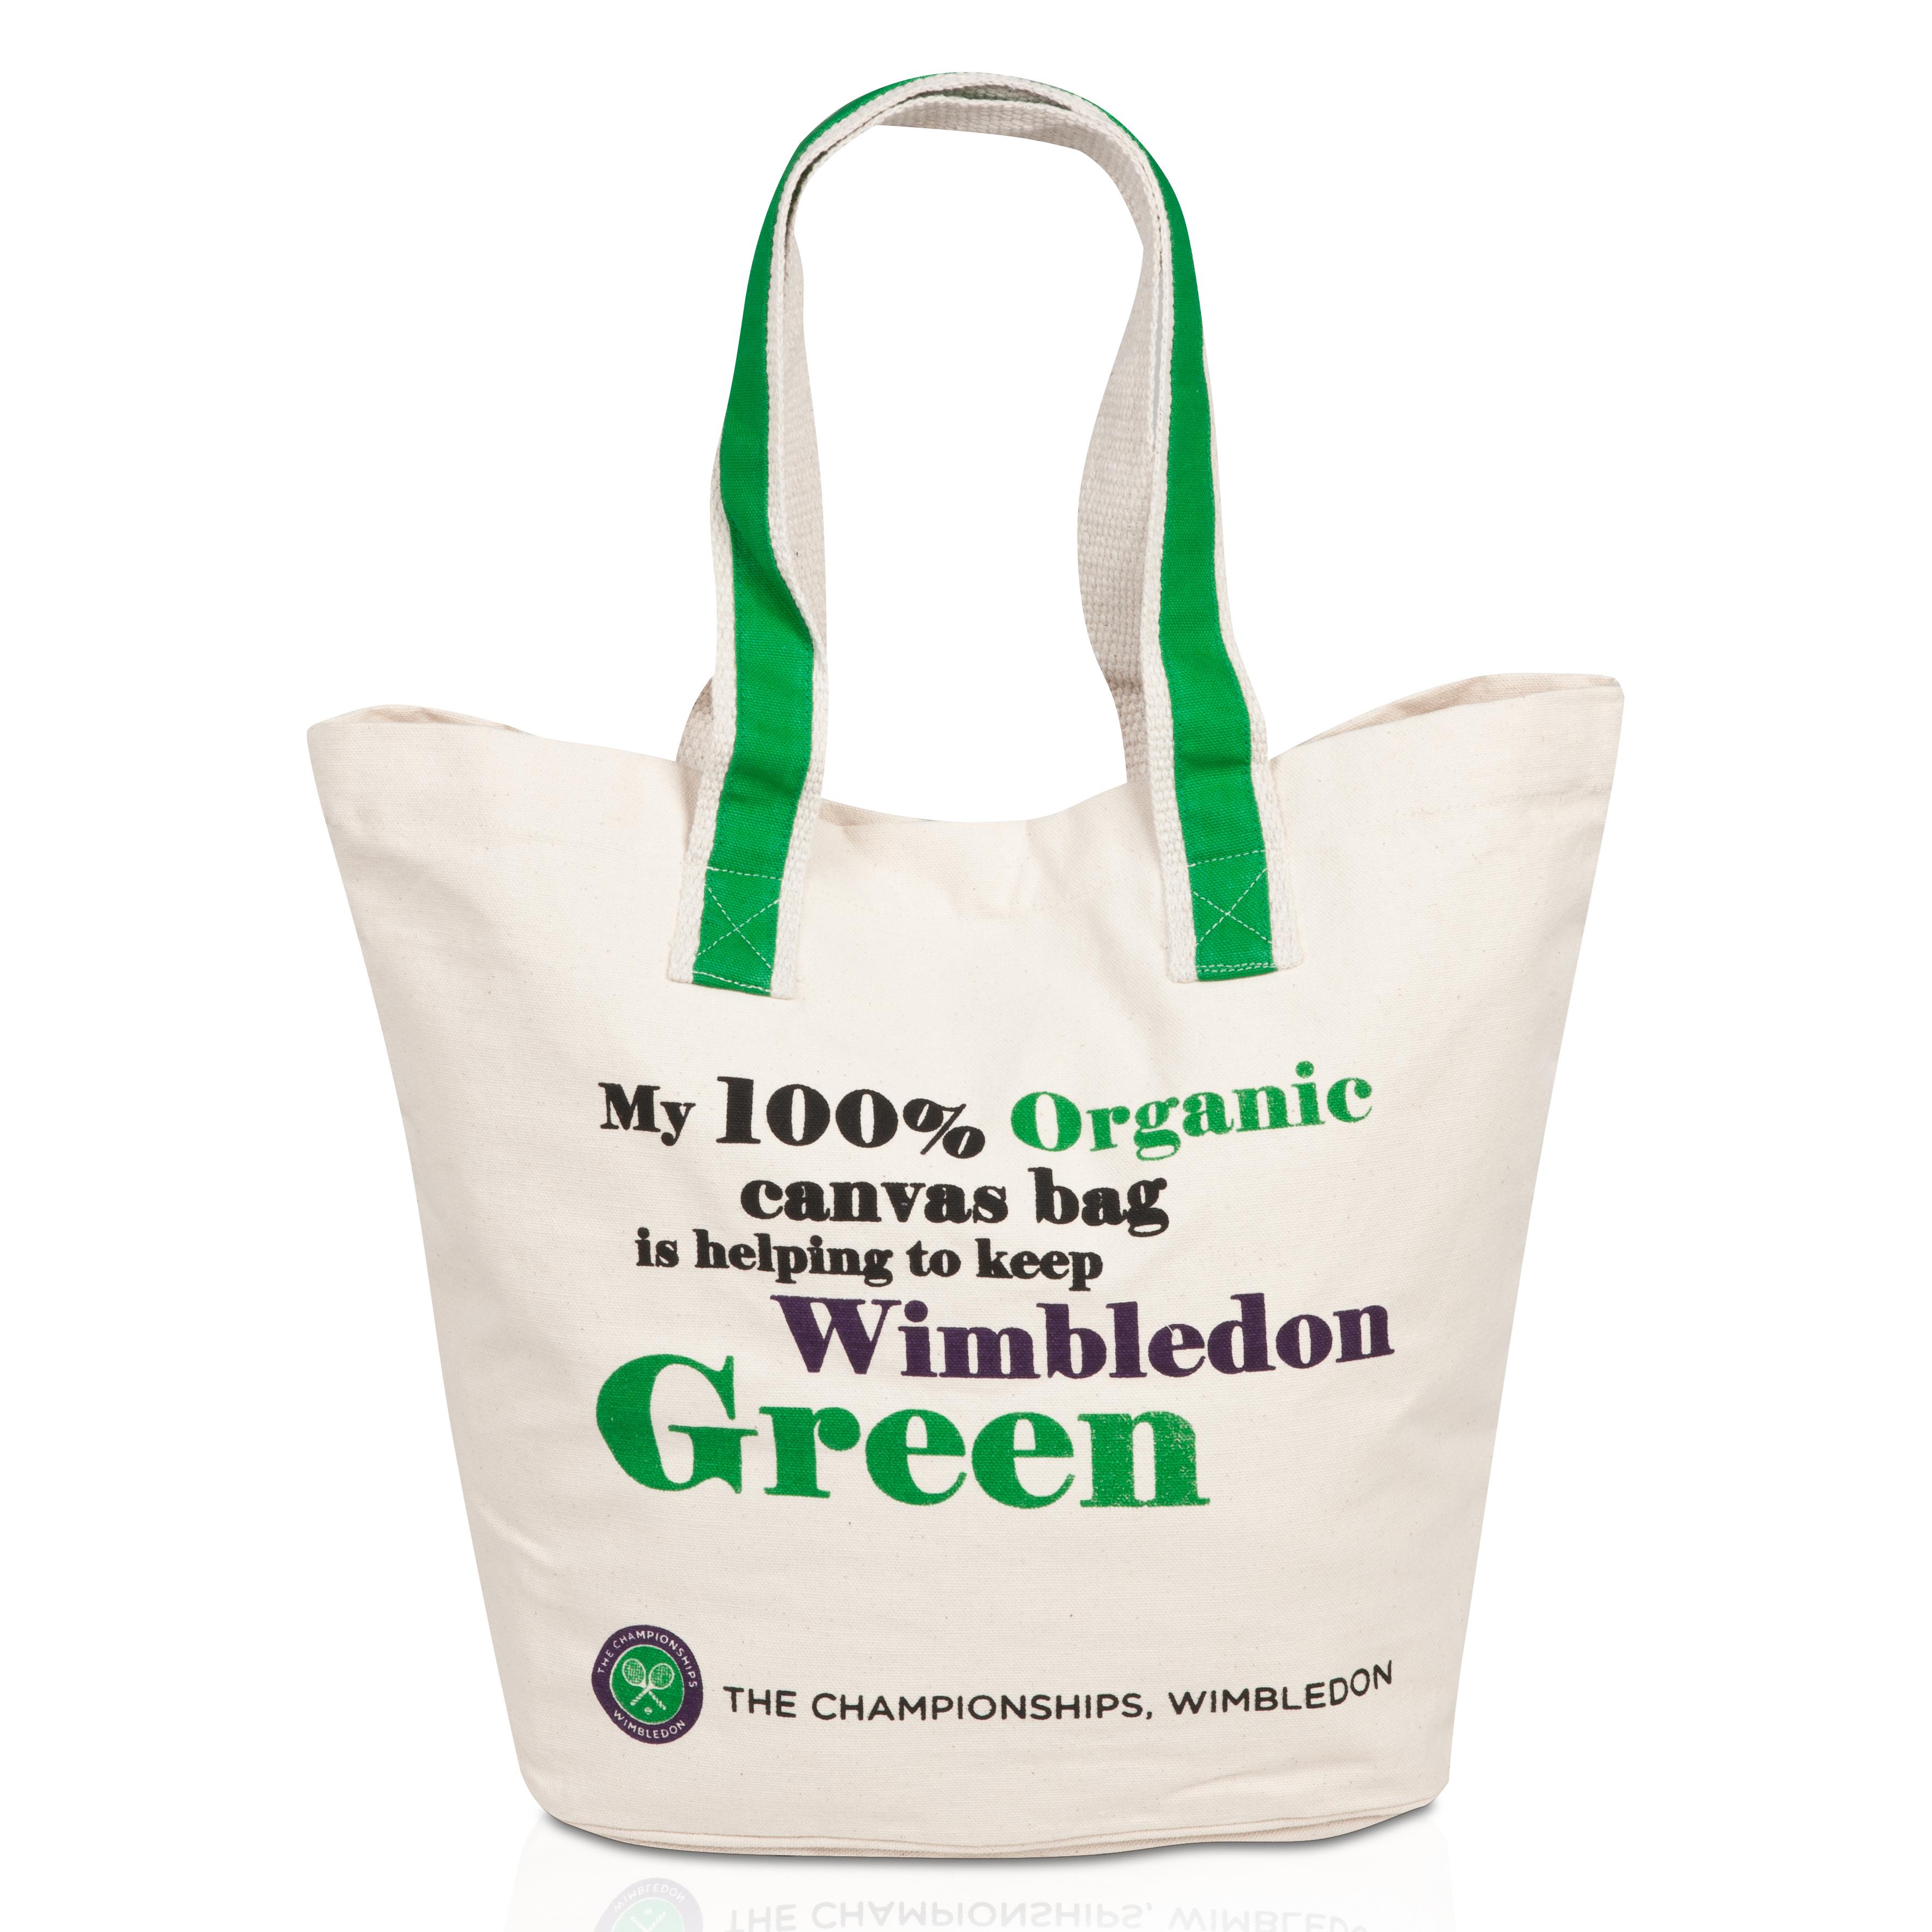 Wimbledon Organic Bag